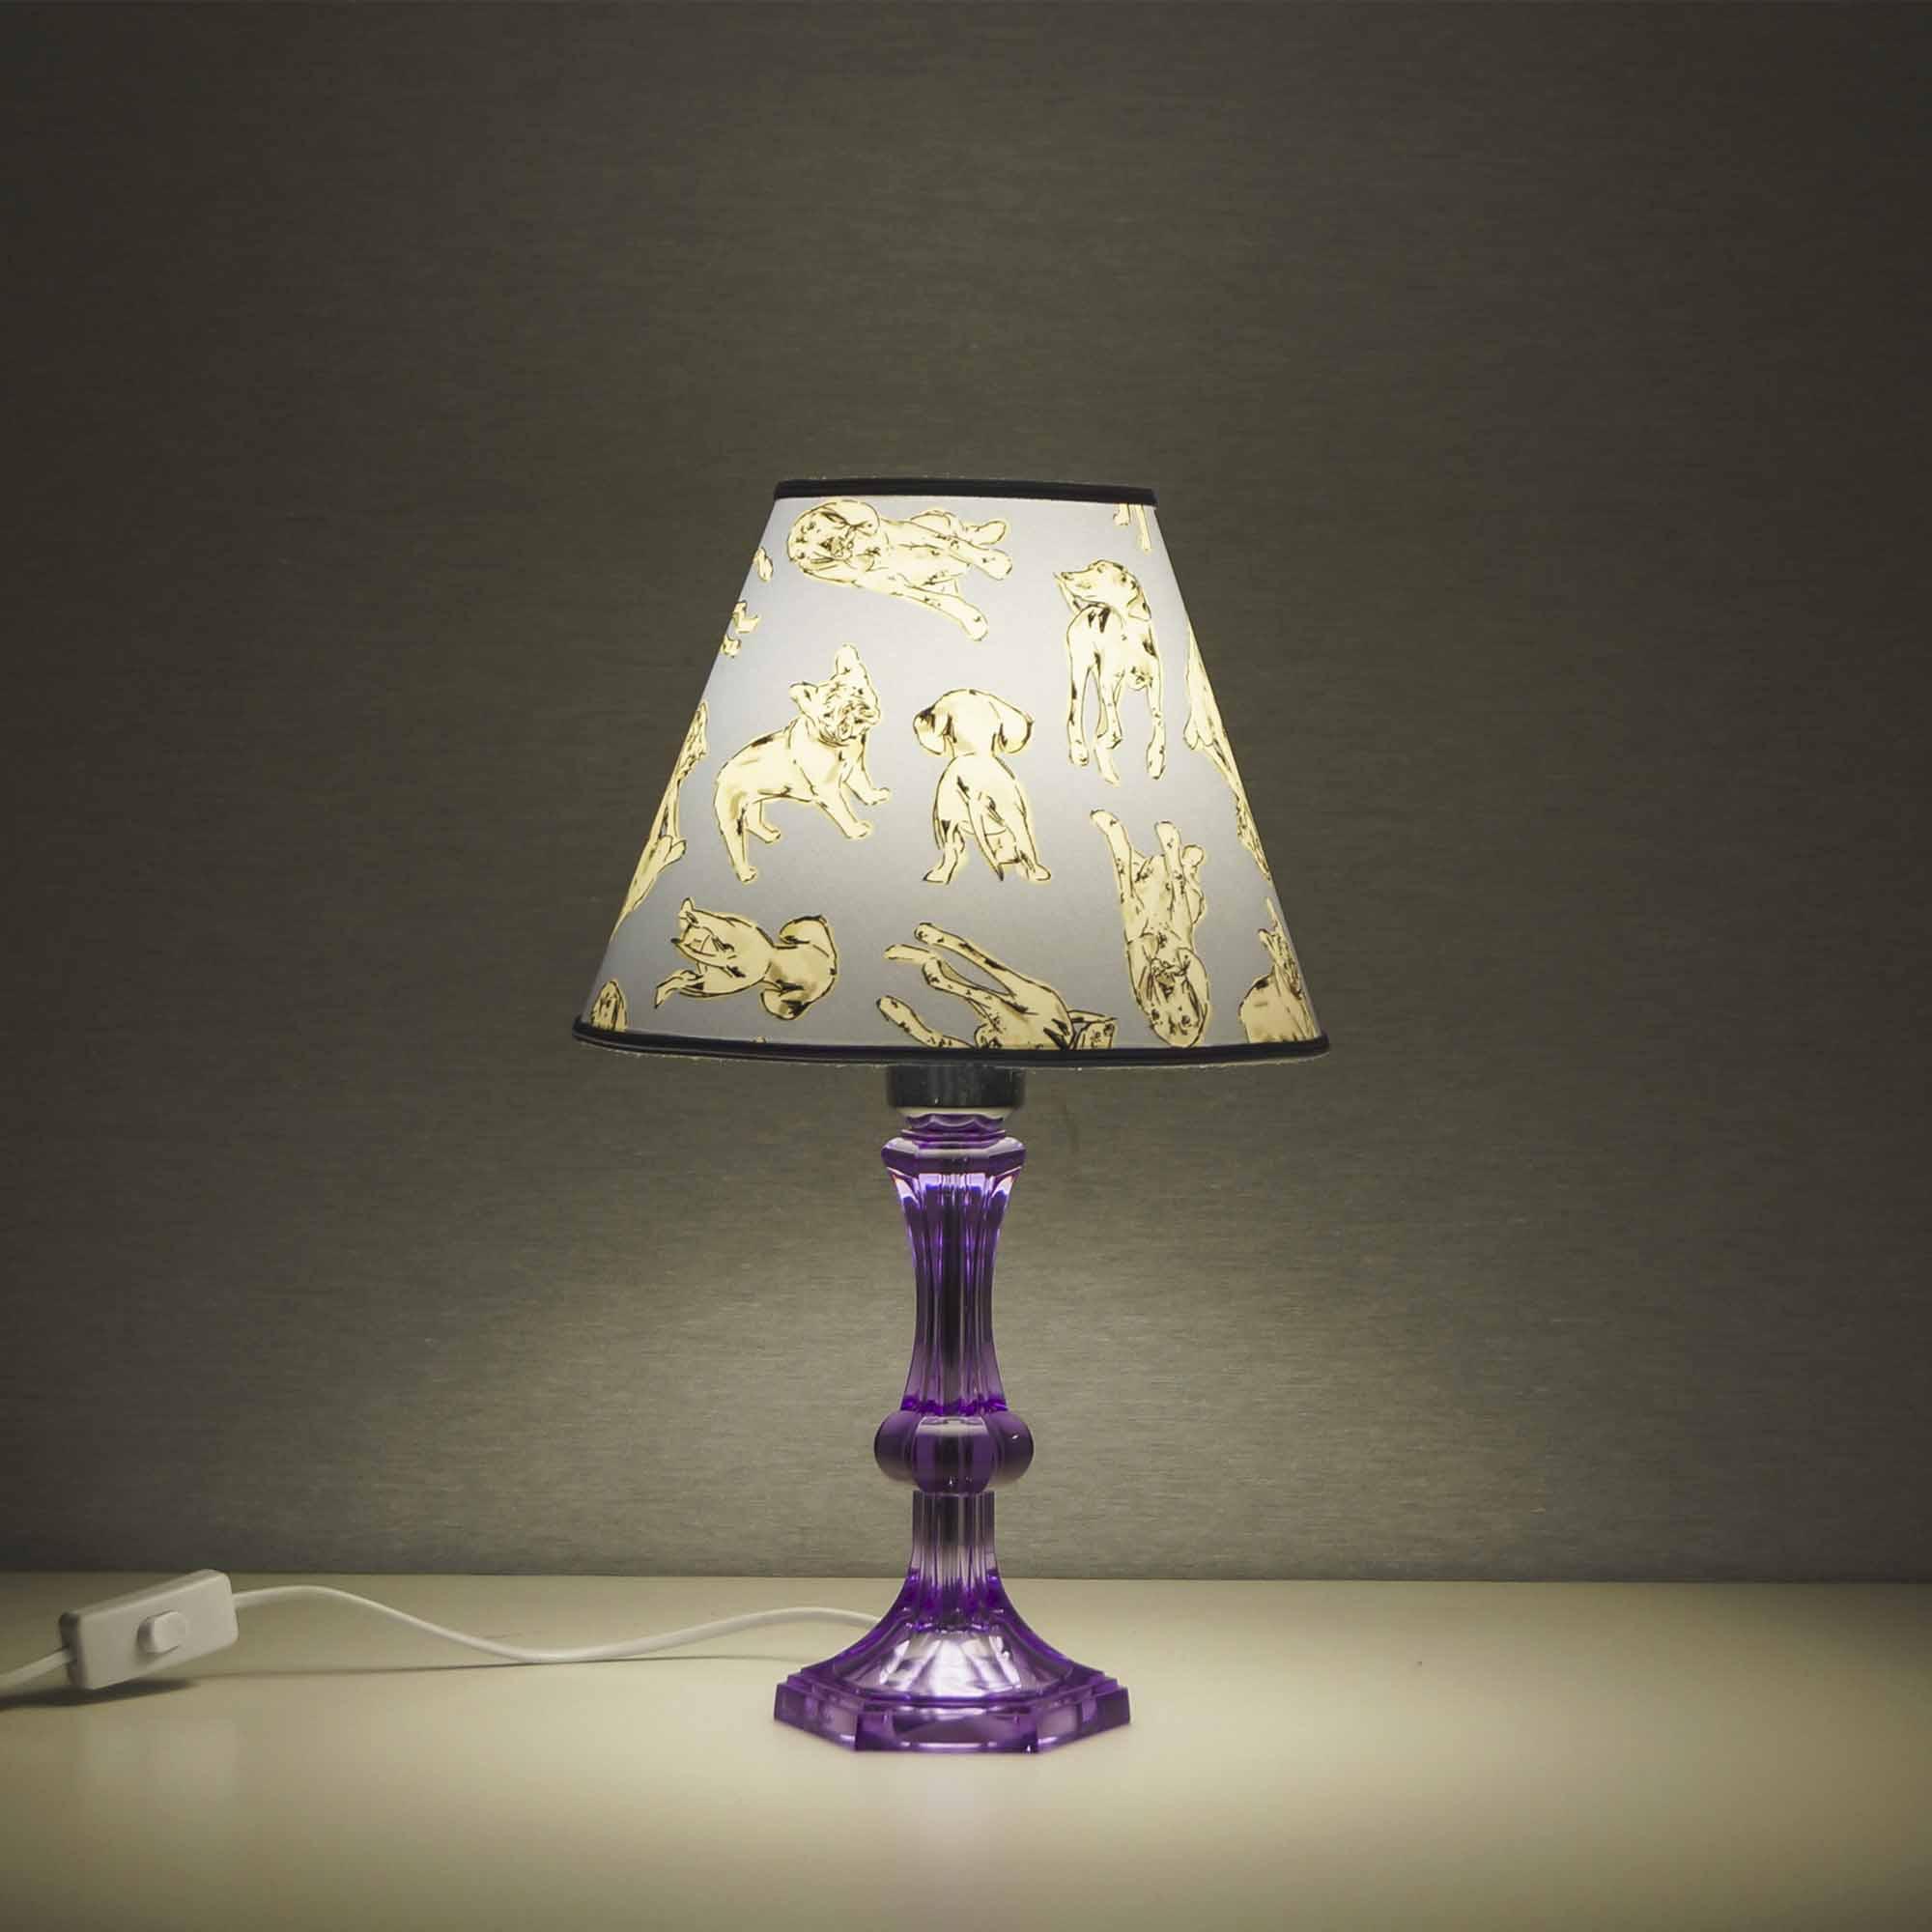 Lampada Cagnolini celeste con base in plexiglass